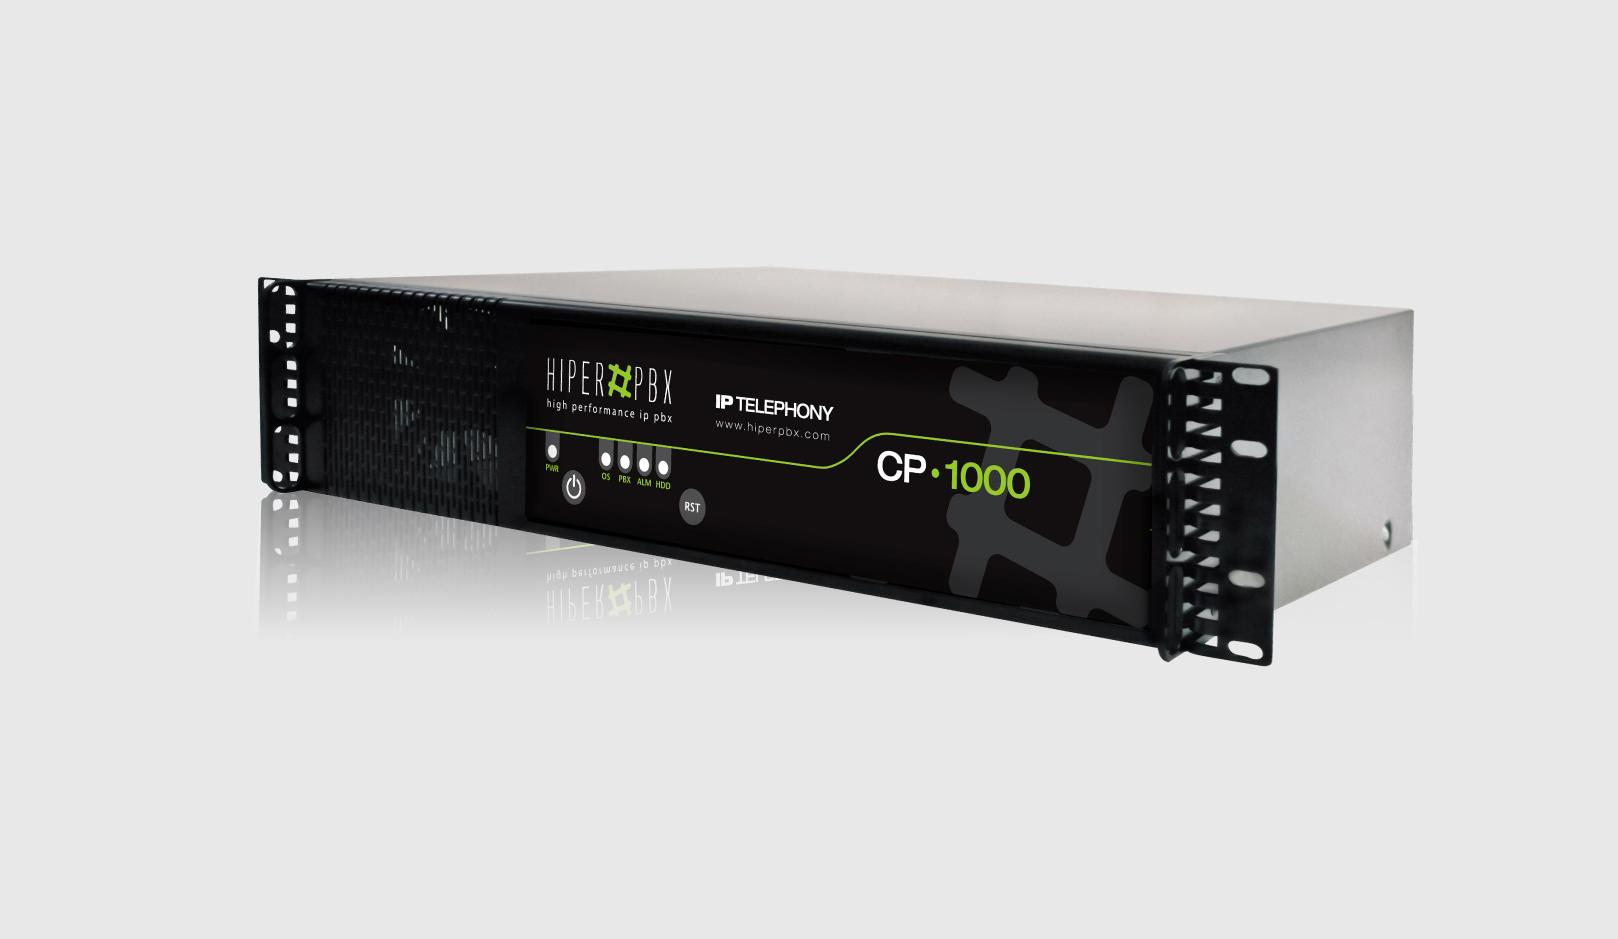 Conmutador IP CP-1000